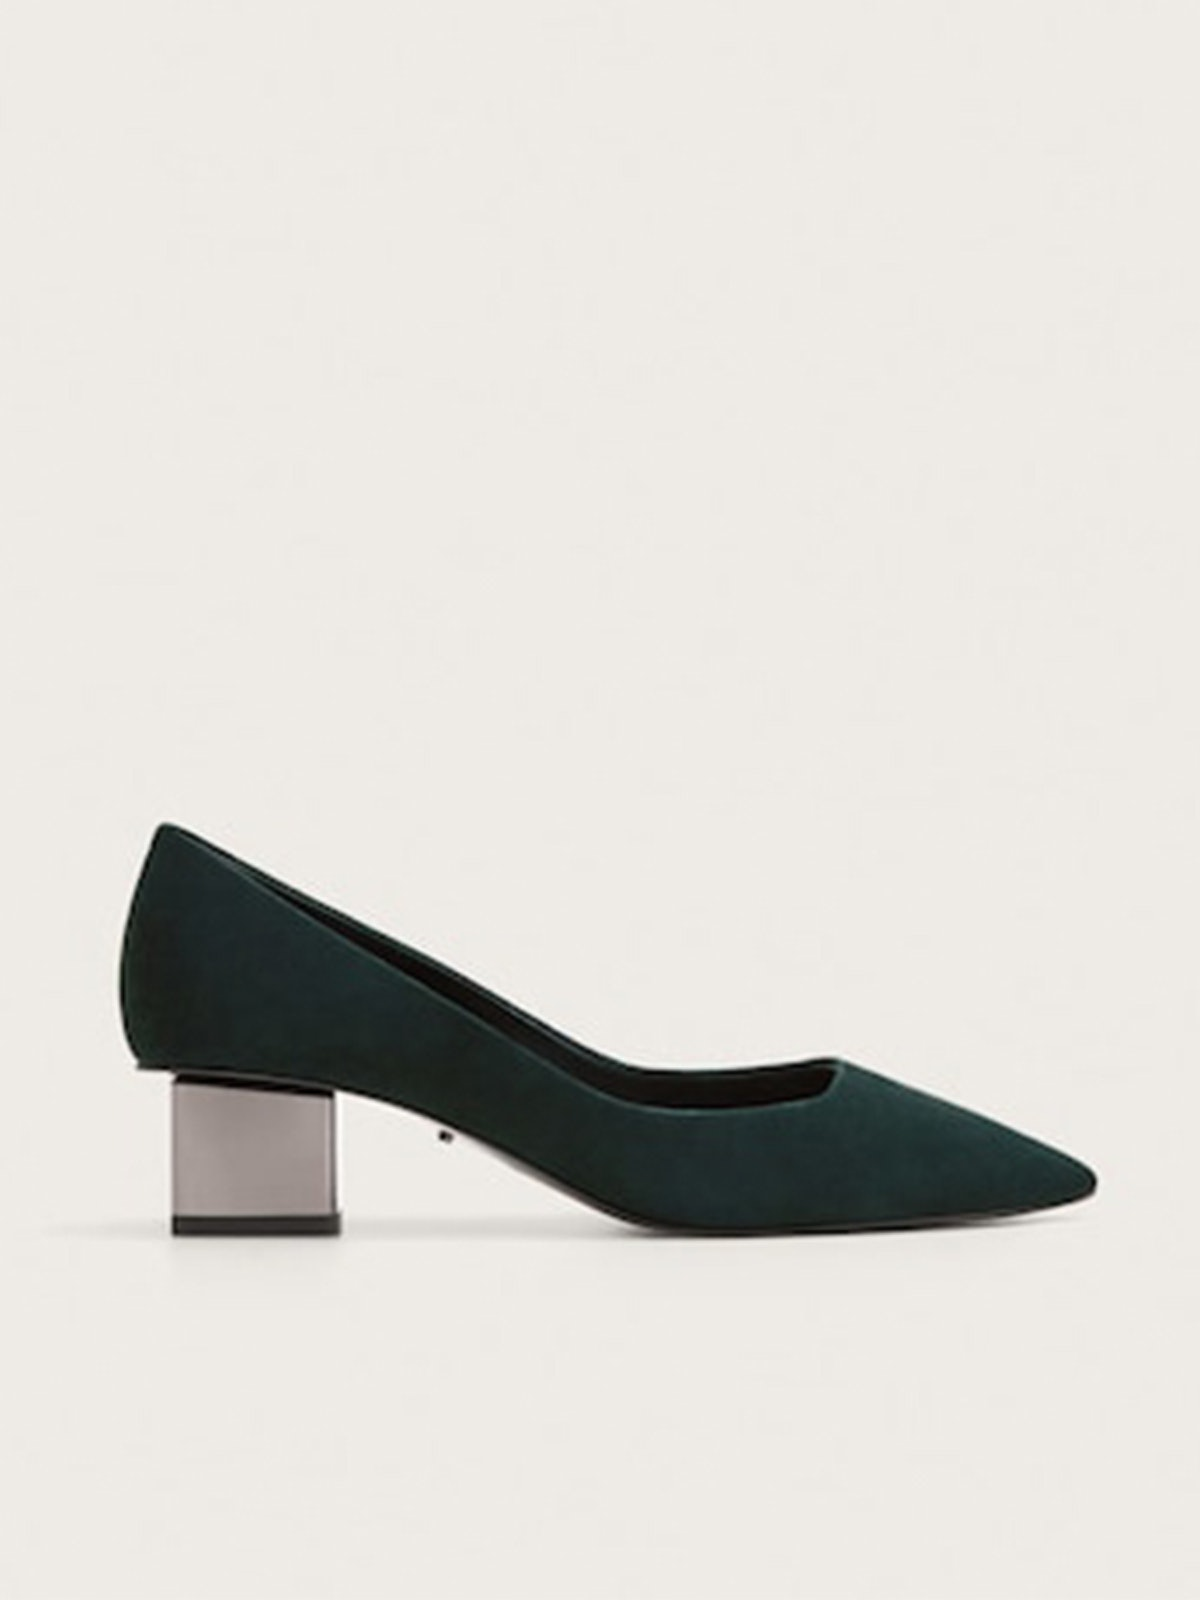 Leather Metallic Heel Shoes